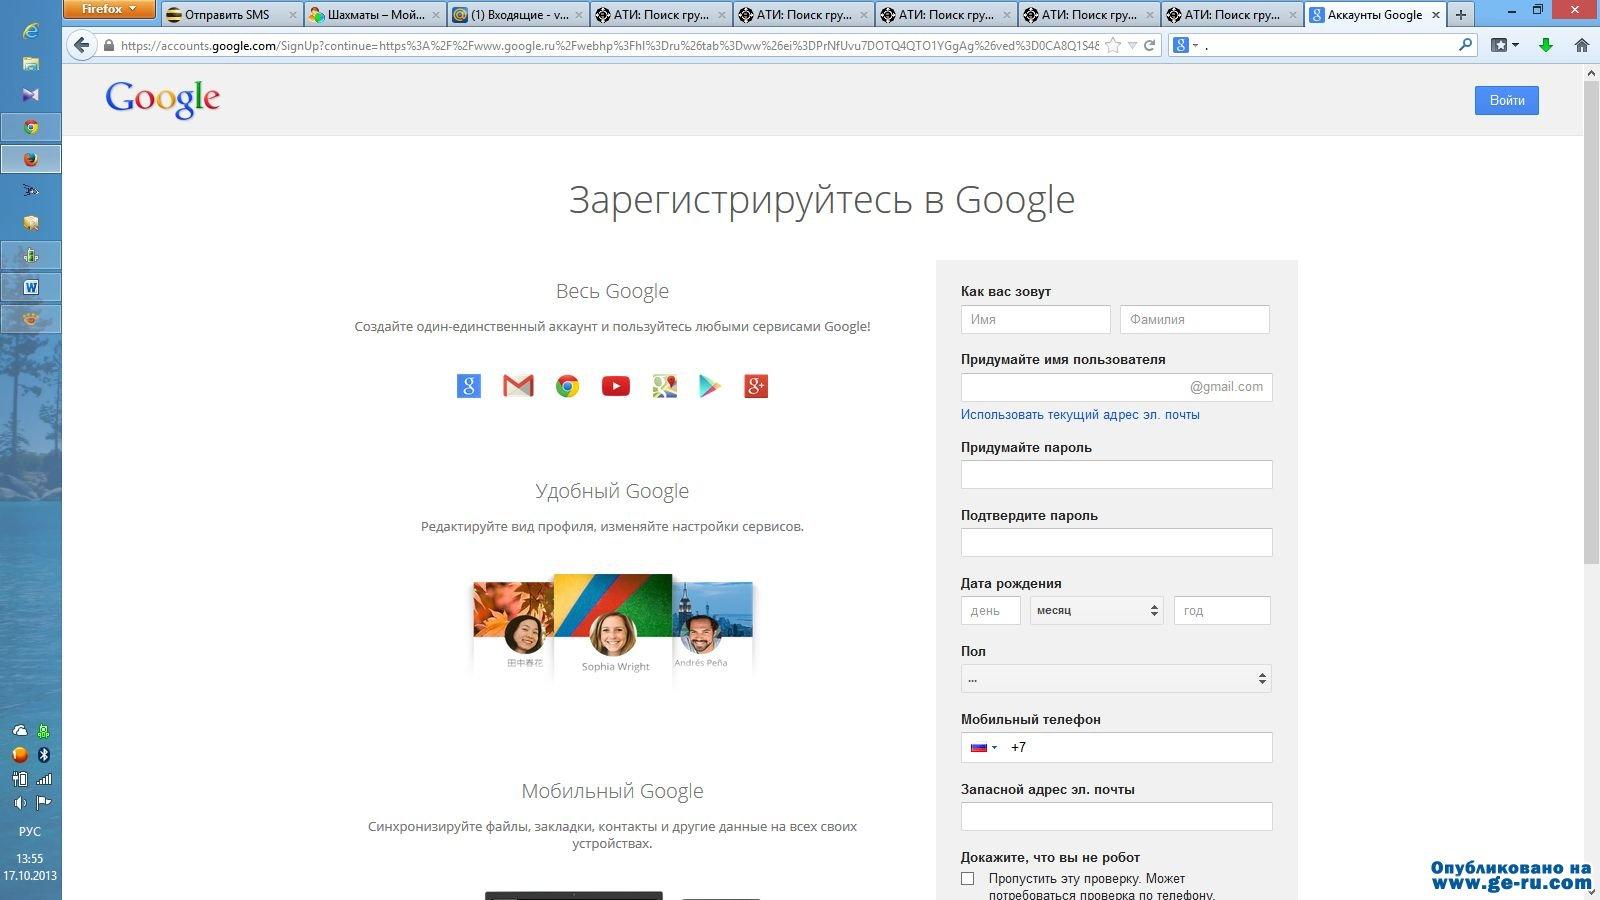 Как создать аккаунт в Гугле Google Регистрация на ютубе